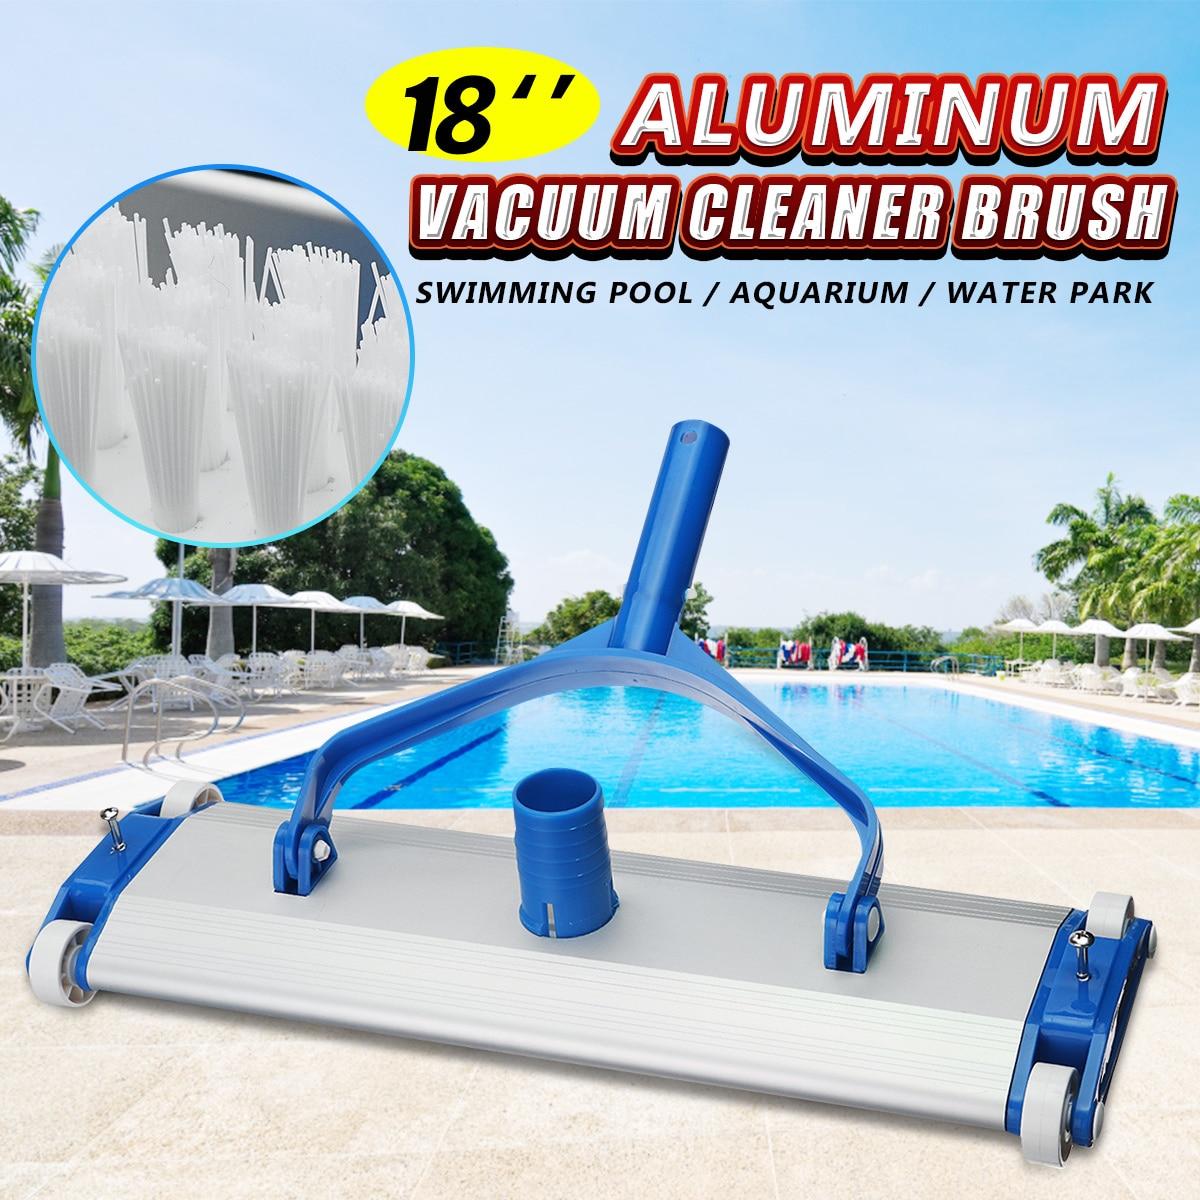 Deluxe Aluminum Alloy 18 Swimming Pool Vacuum Cleaner Brushes Flexible Vacuum Head Brush Pool AccessoriesDeluxe Aluminum Alloy 18 Swimming Pool Vacuum Cleaner Brushes Flexible Vacuum Head Brush Pool Accessories